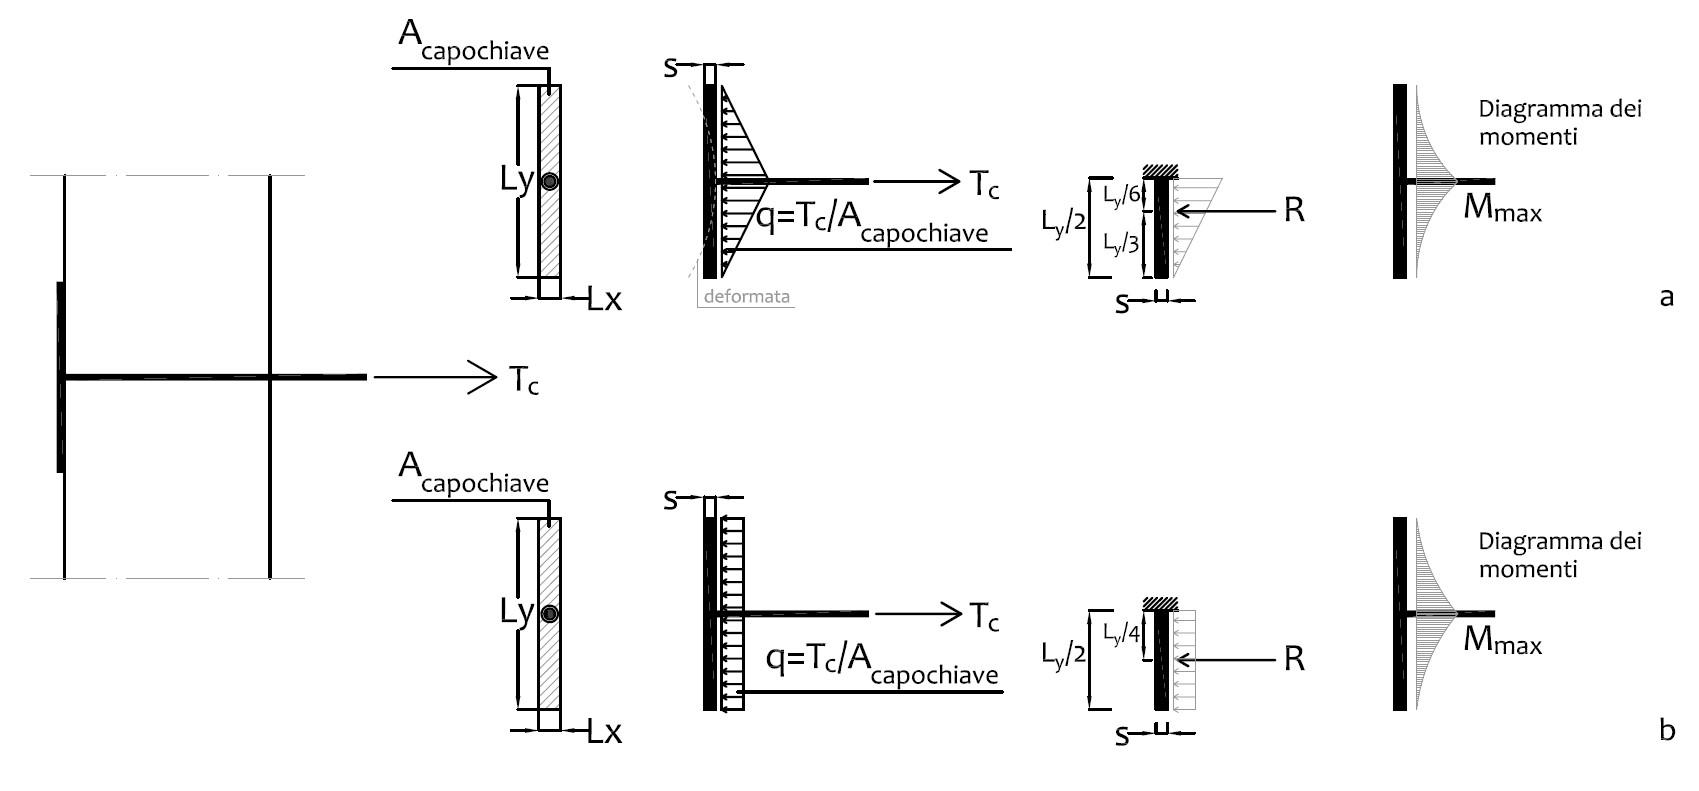 Fig. 4 Schematizzazione del sistema di ancoraggio a paletto; Tc è il carico concentrato in corrispondenza della catena. Diverse distribuzioni del carico sulla superficie di contatto: a) distribuzione lineare; b) distribuzione uniforme (considerando il capochiave come elemento rigido).